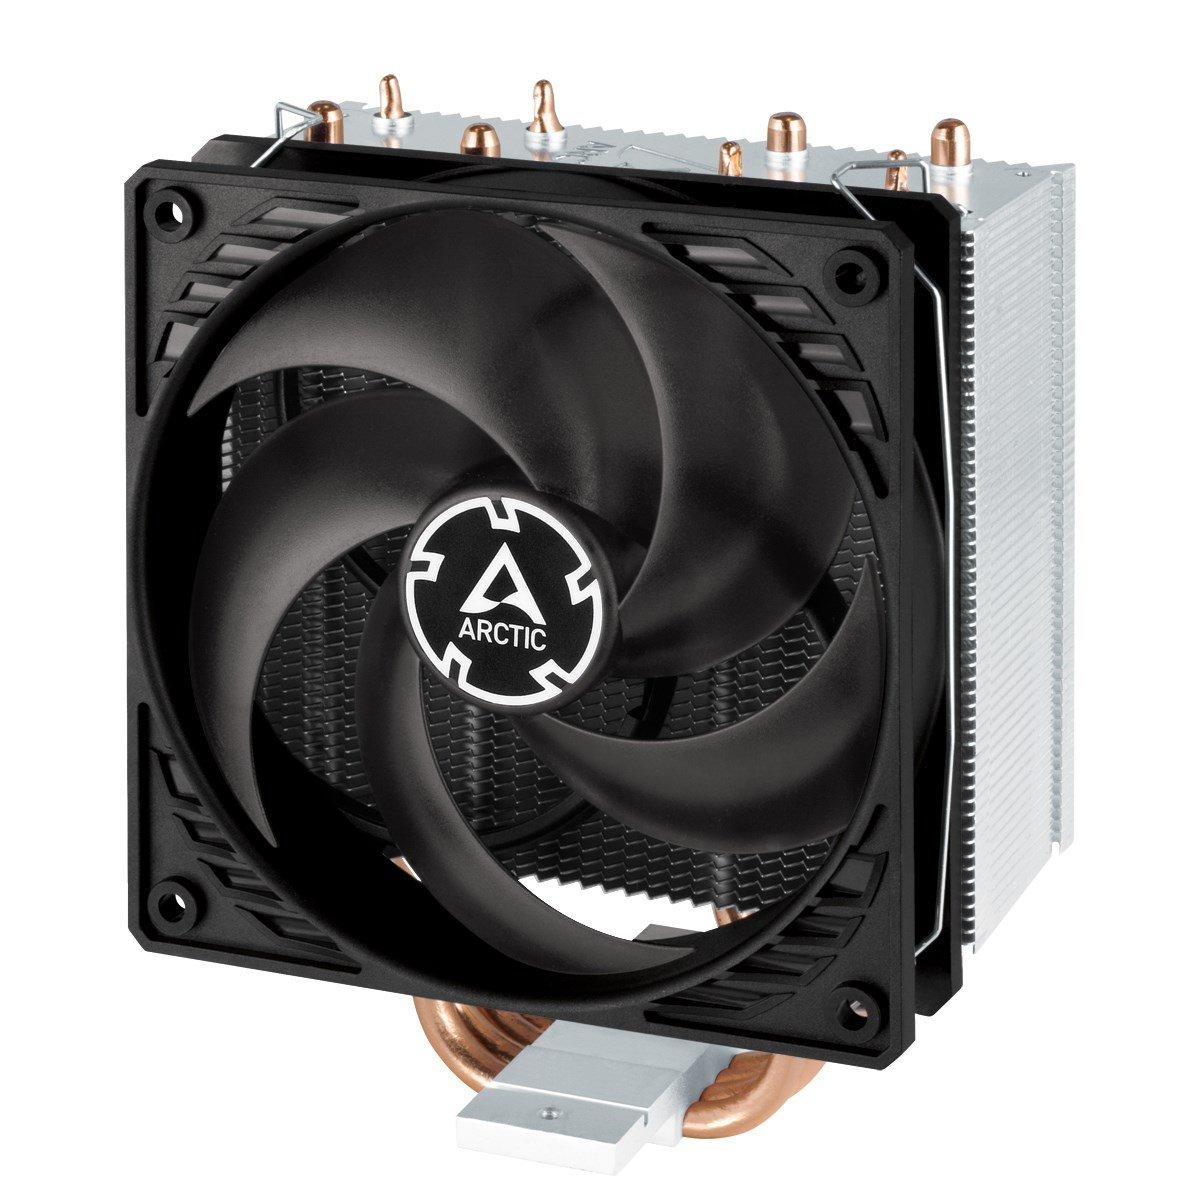 Arctic Freezer 34 Air Tower CPU Cooler £27.61 @ CCLOnline